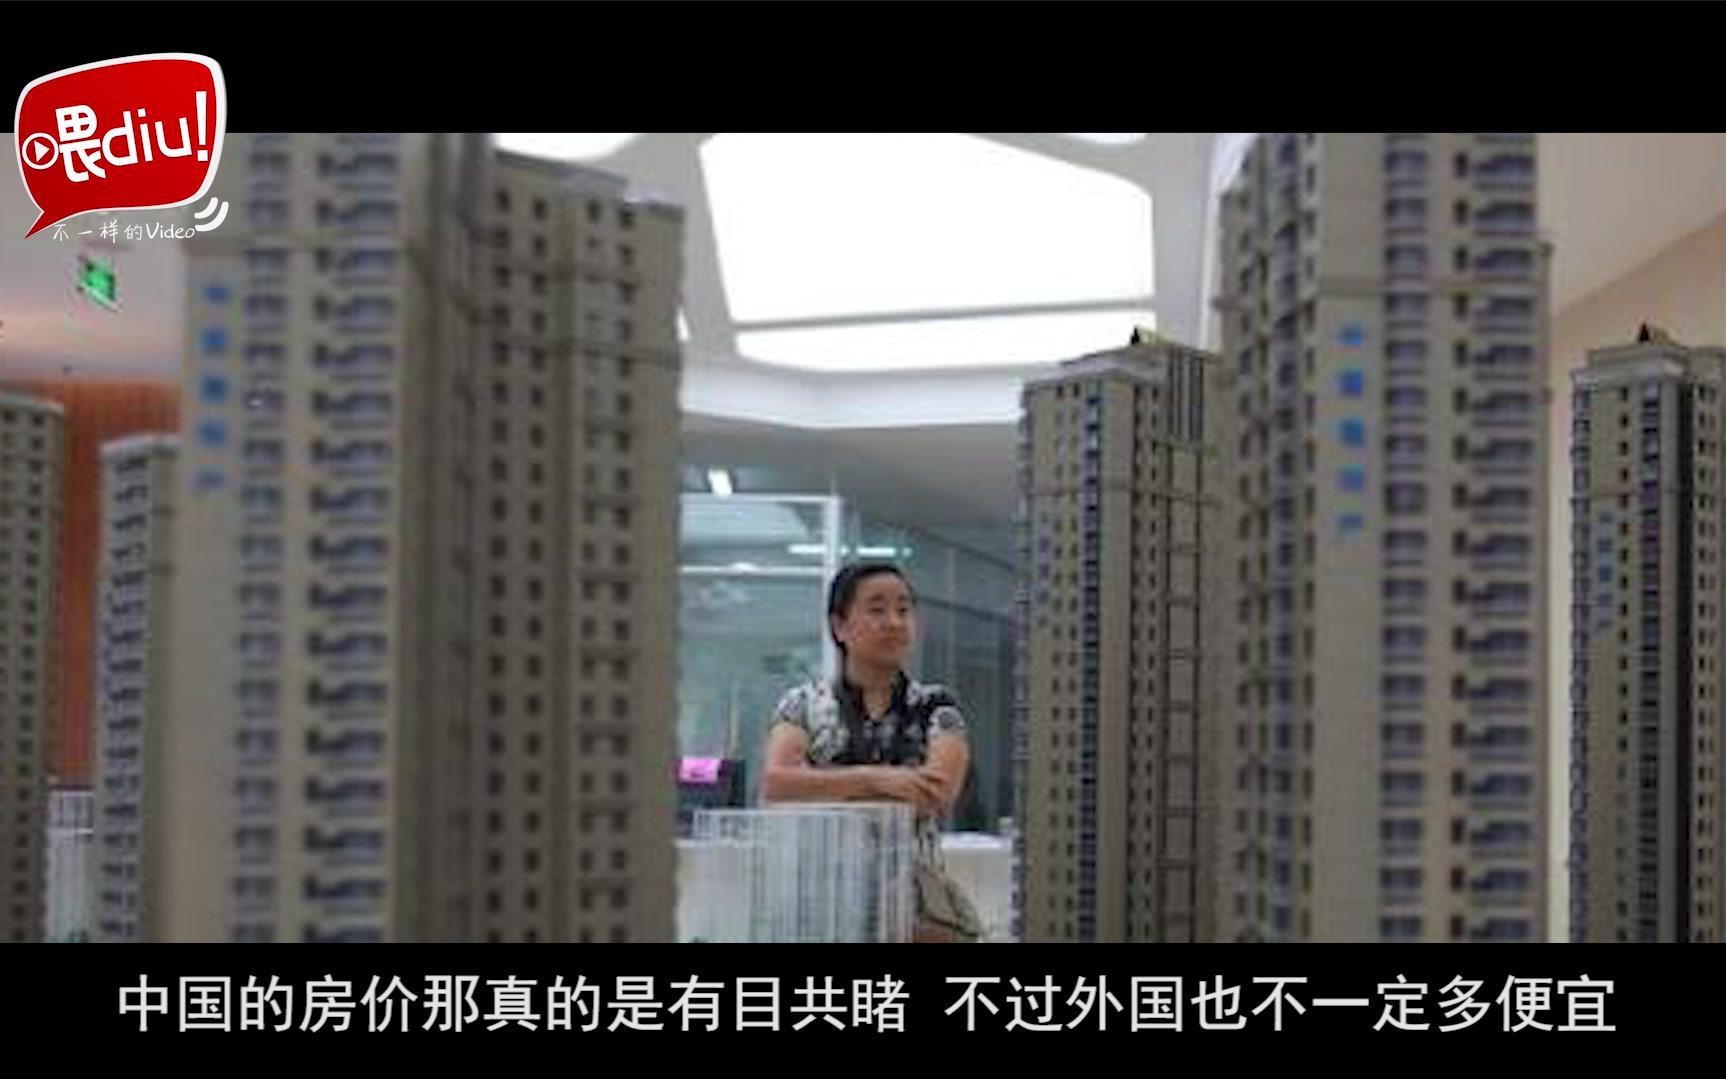 【喂你播】华为首次超越苹果,市场份额第二大;工商局调查拼多多